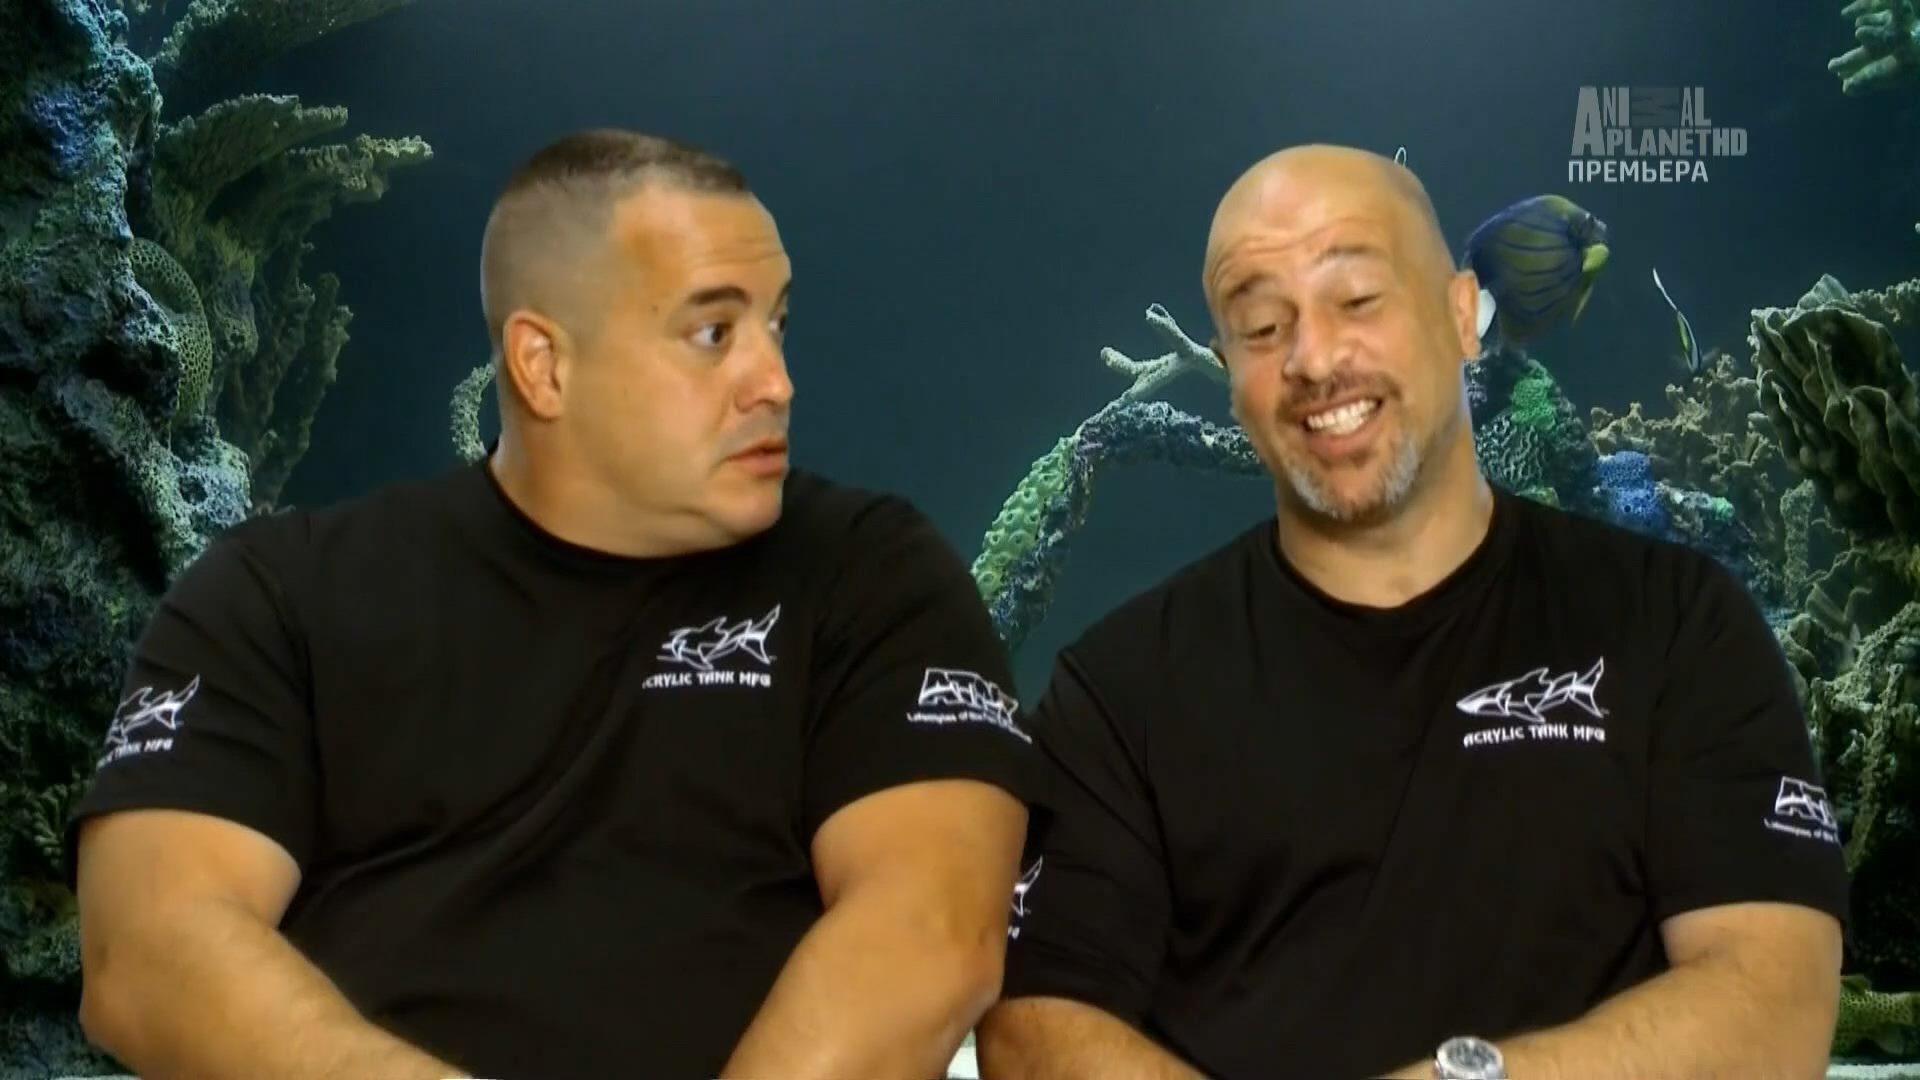 большим аквариумный бизнес 1 серия ножи ворсменских кузнецов